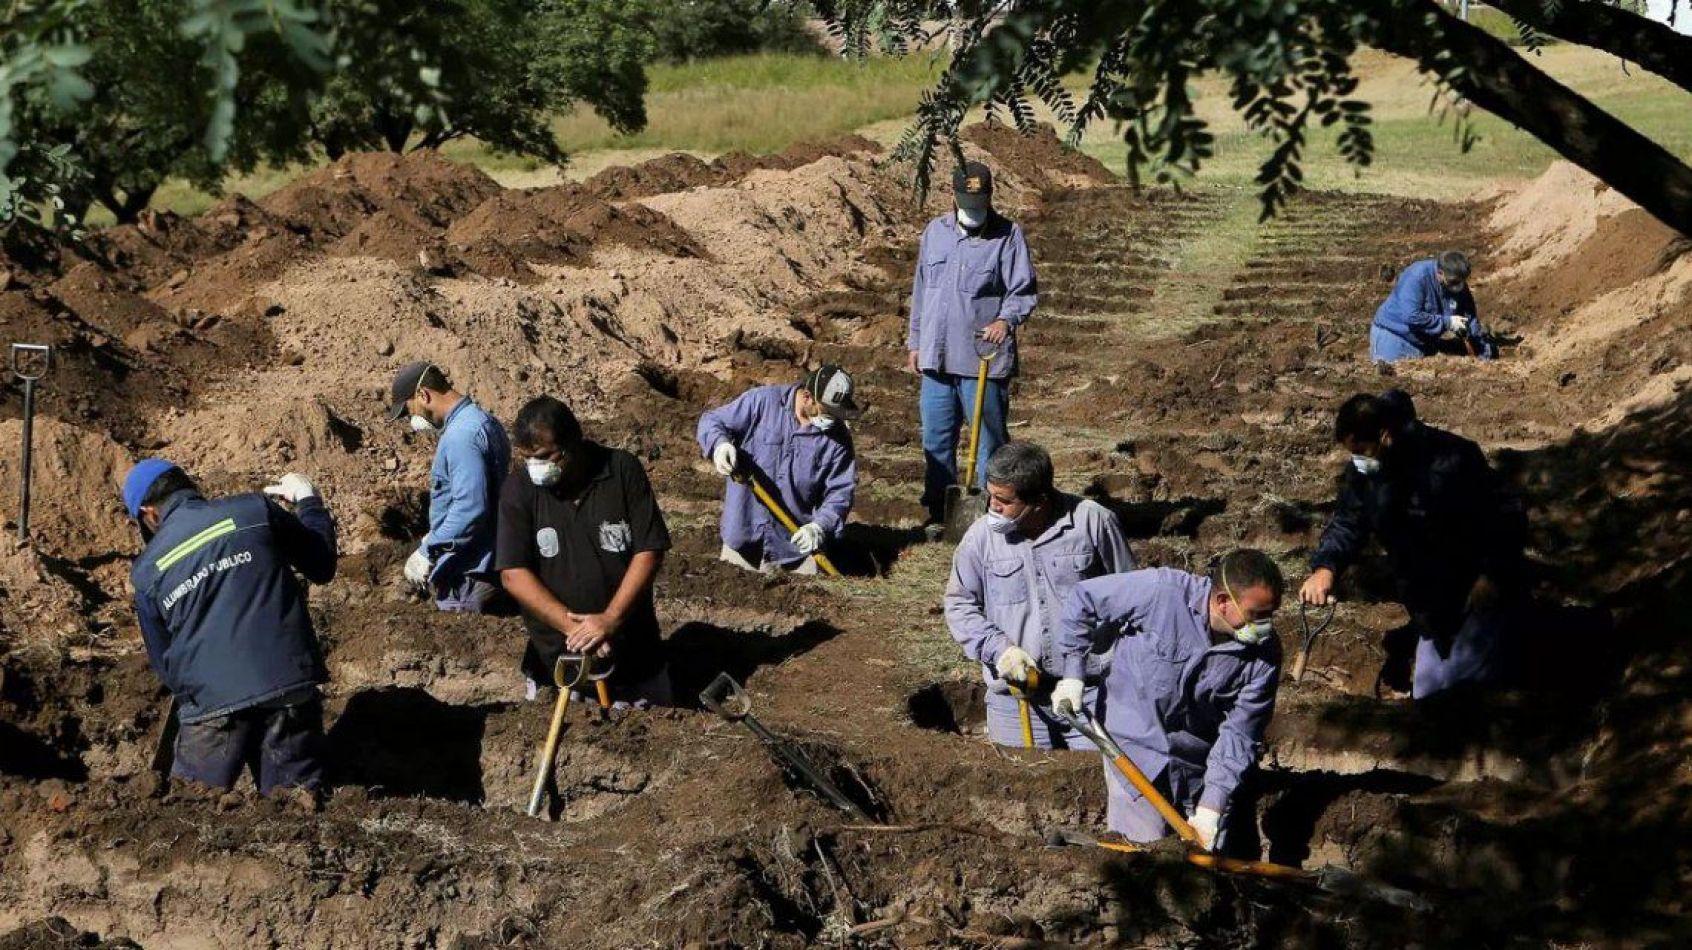 """""""Antibarbijos"""" deberán cavar tumbas para los muertos por coronavirus"""